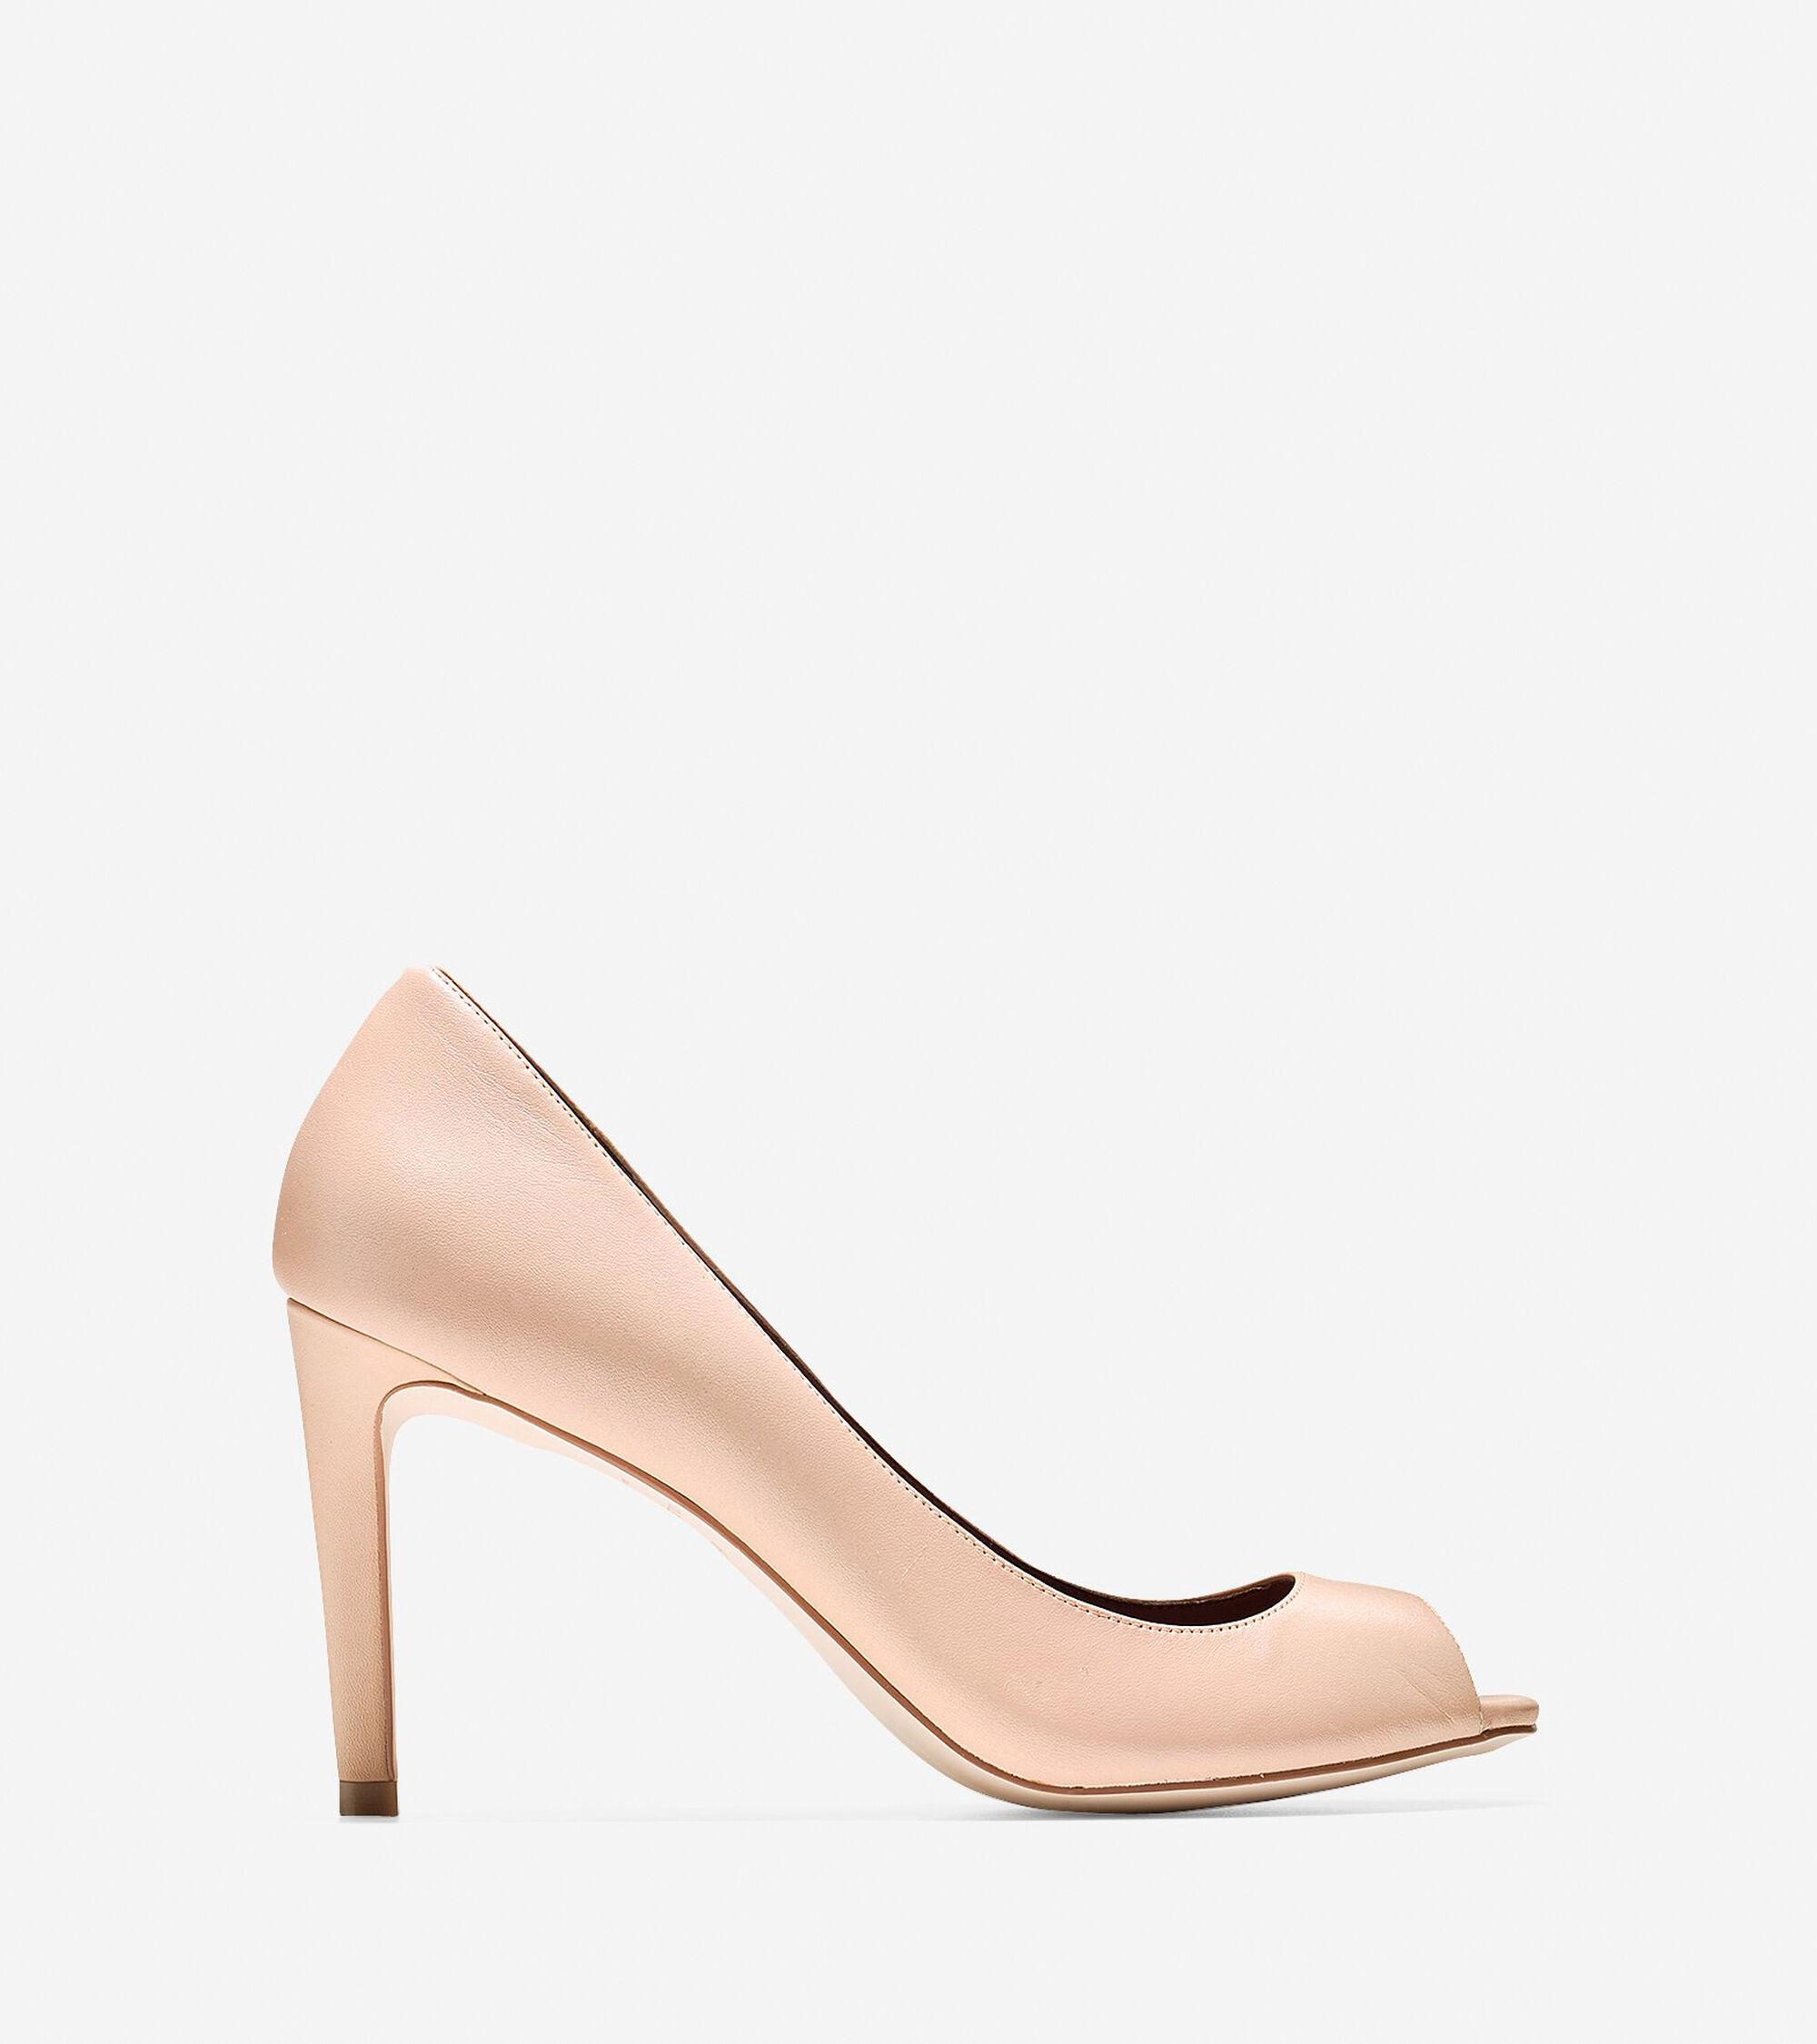 Shoes > Fair Haven Open Toe Pump (85mm)